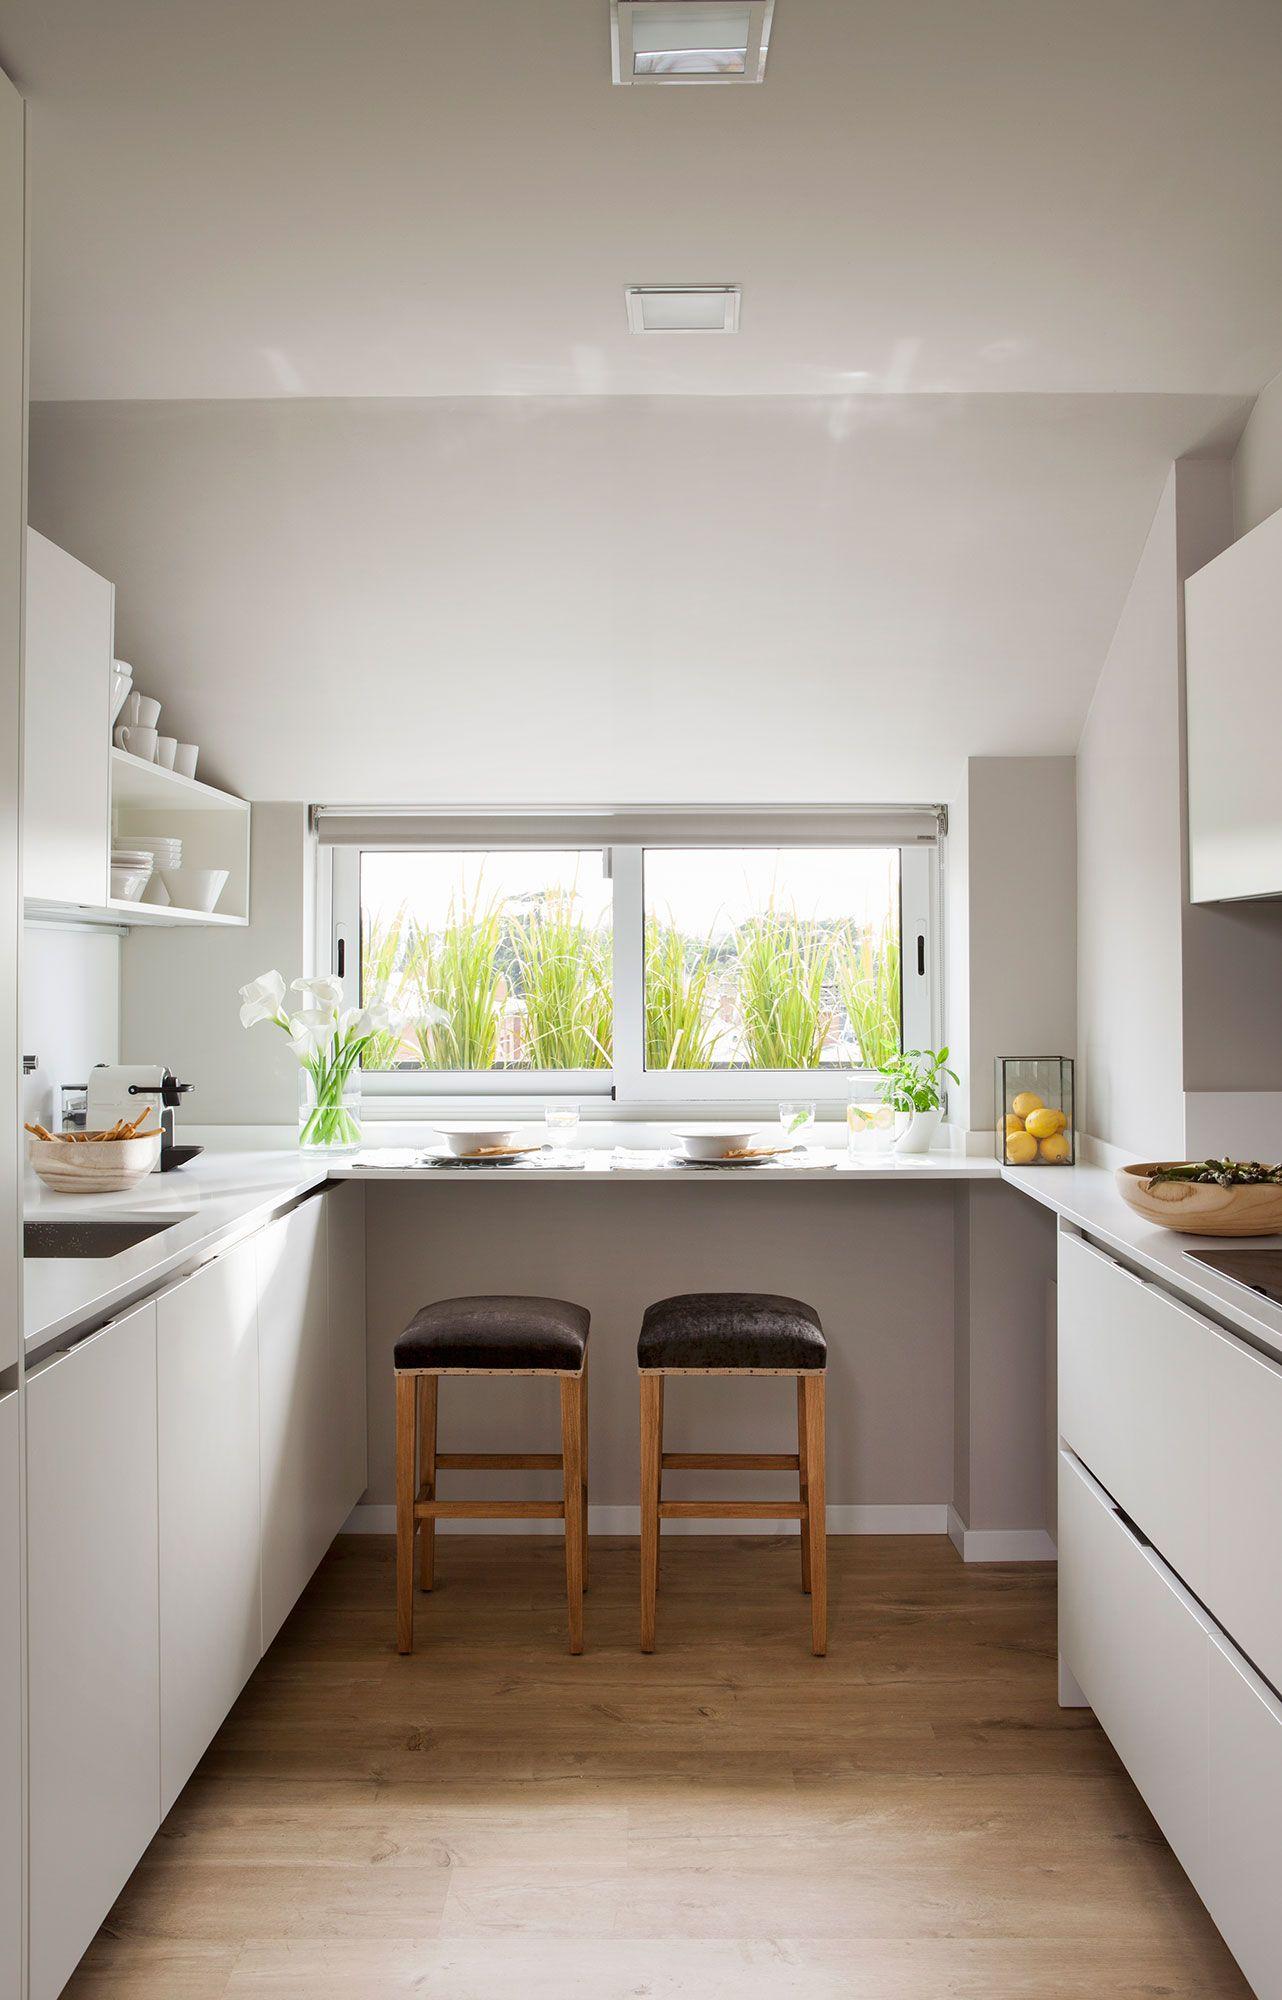 Peque as y muy pr cticas cocinas en u bien - Cocinas muy pequenas ...